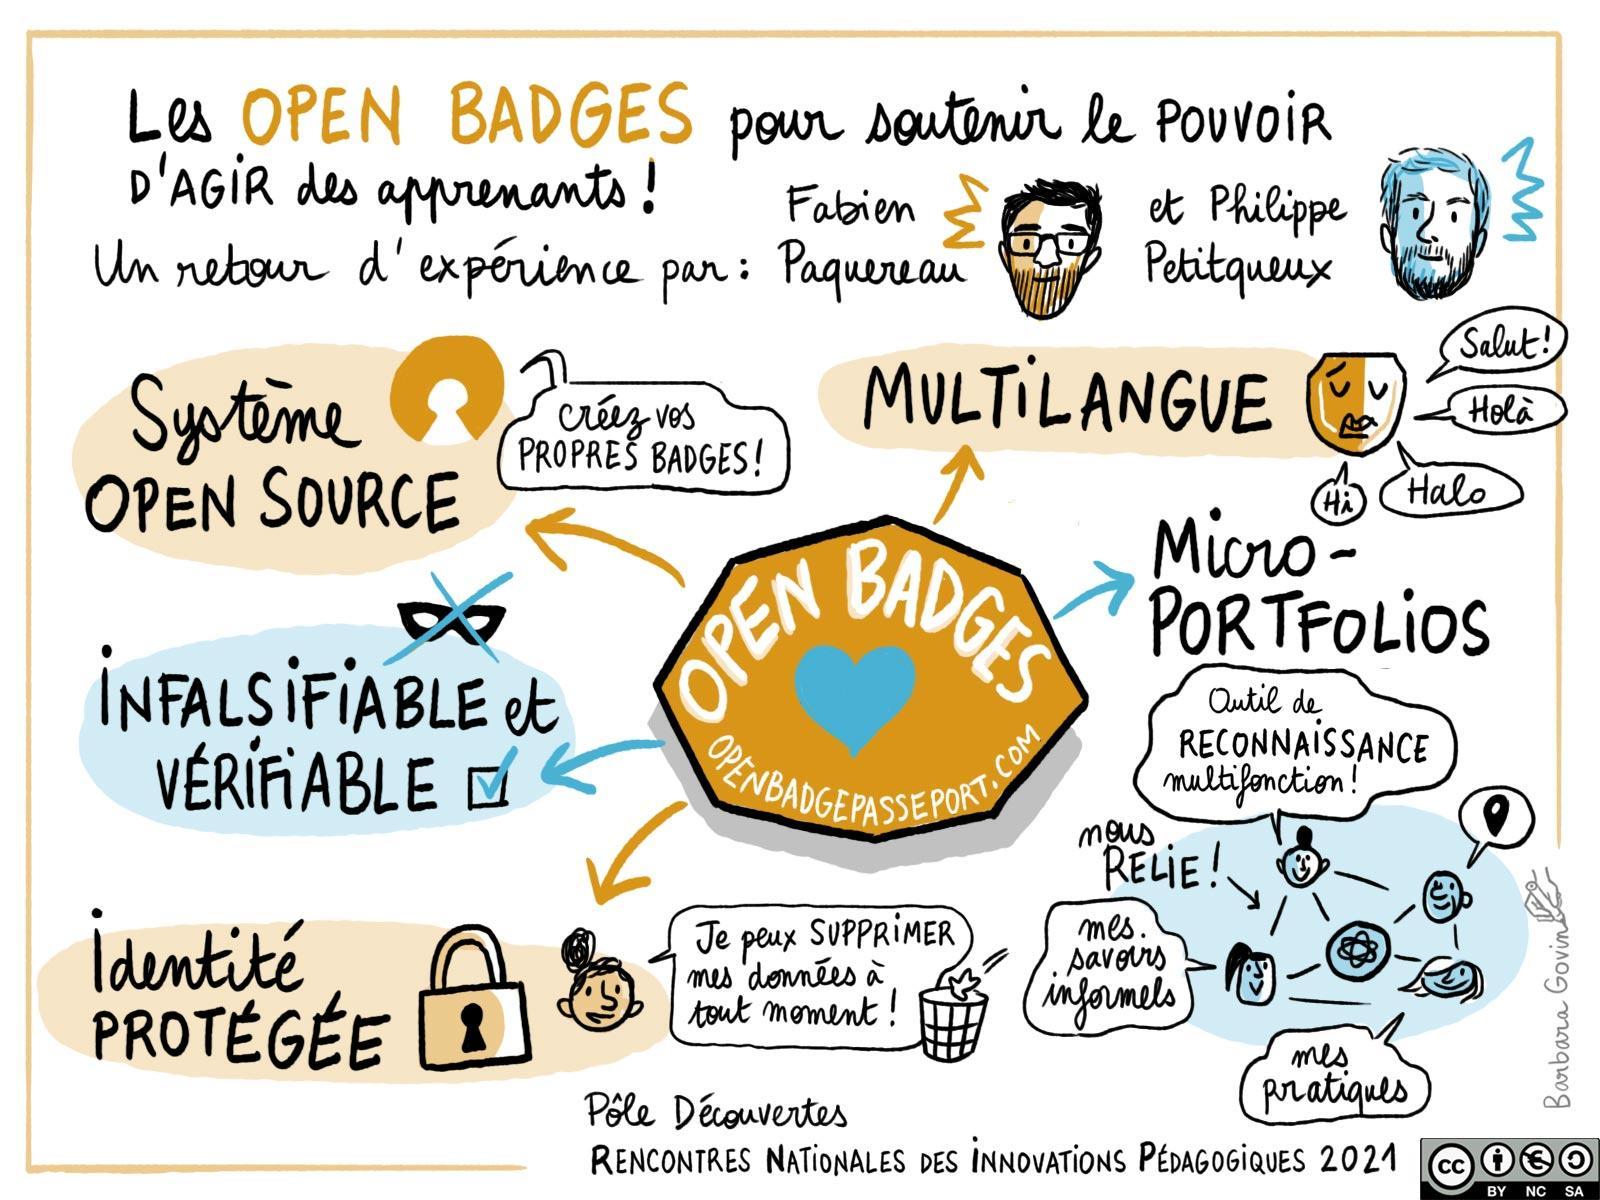 19. Pôle découverte - Open badges